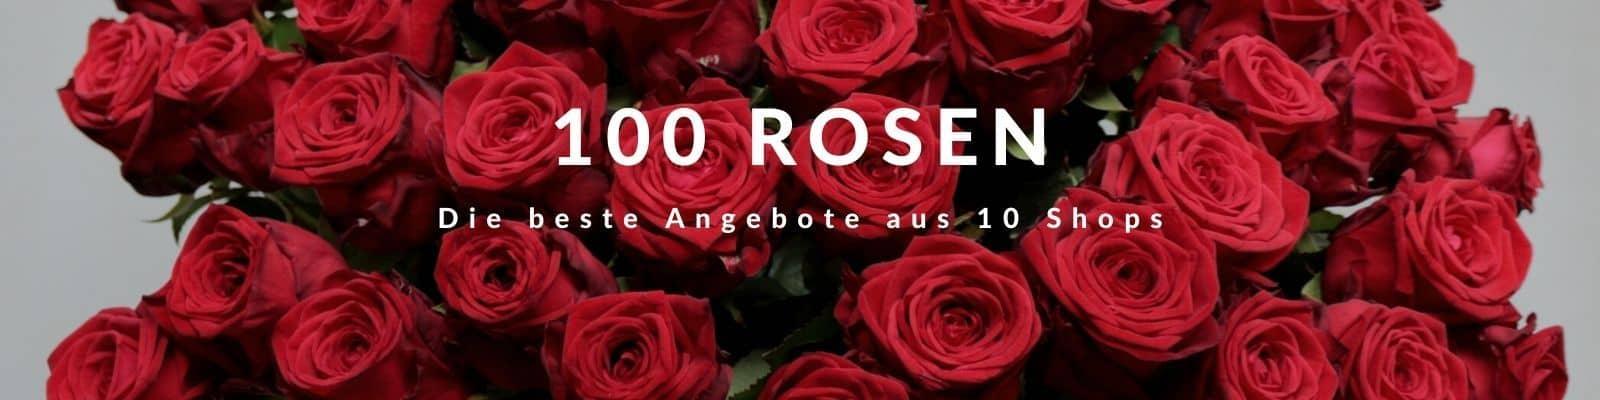 100 Rosen verschicken - Rosenstrauß mit 100 Rosen